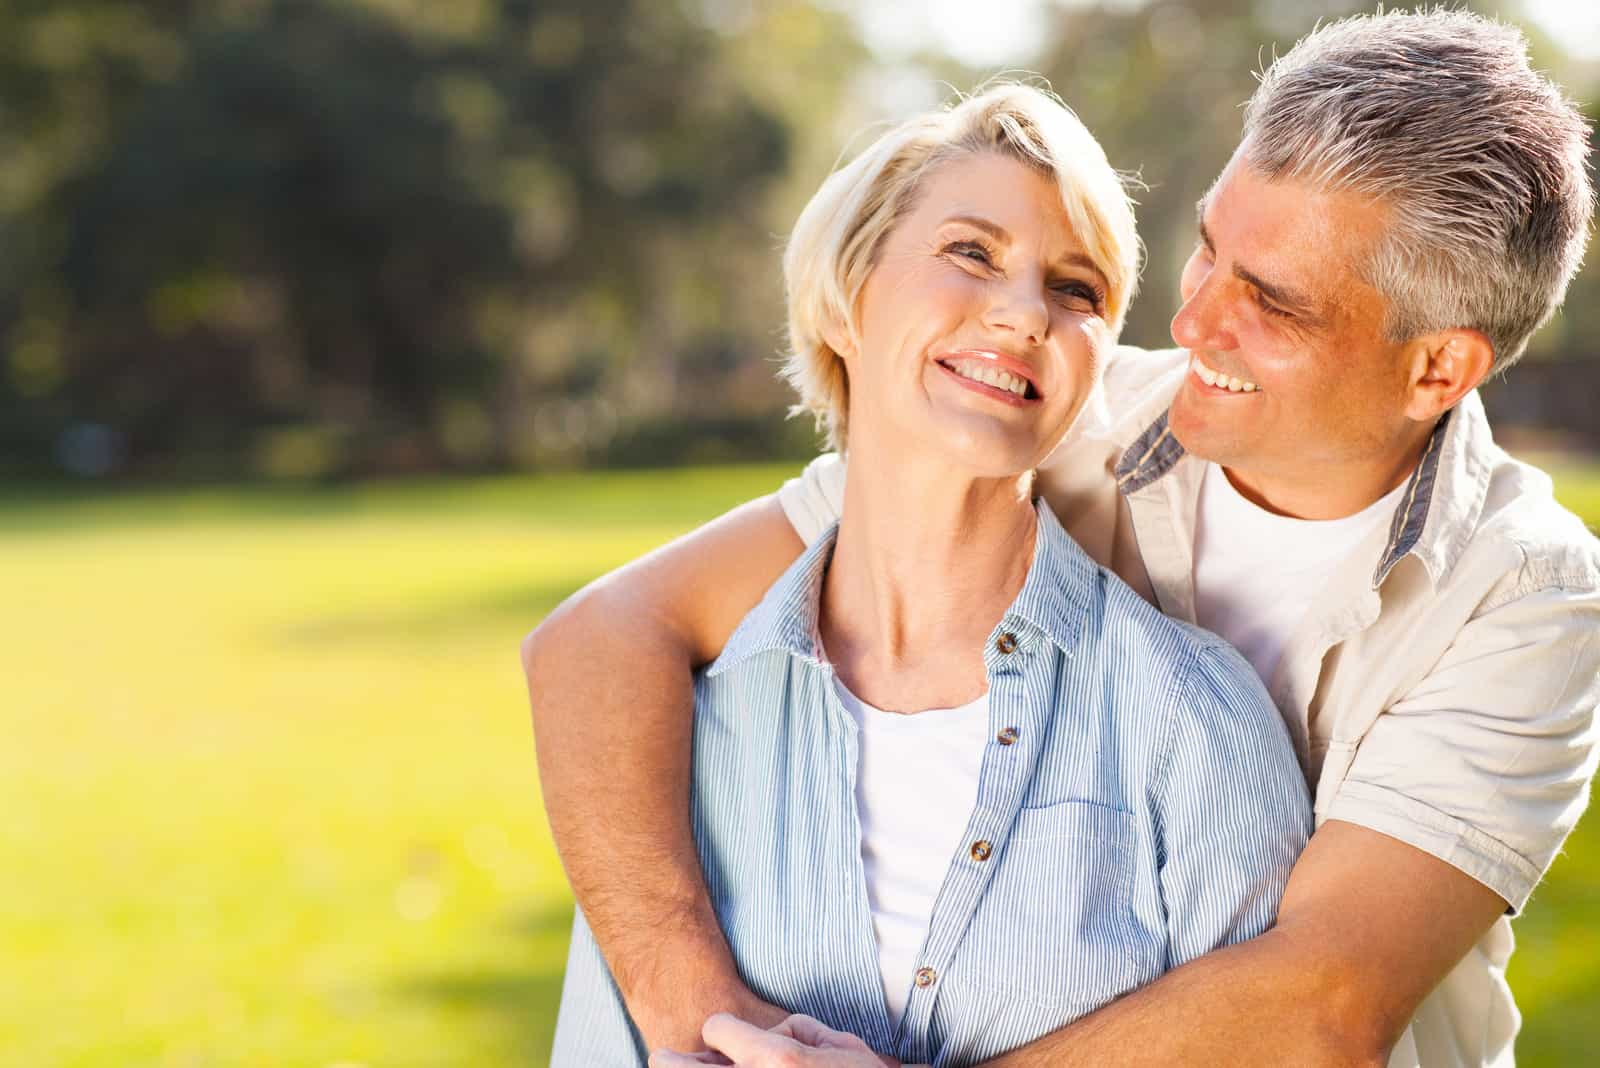 süßes Paar mittleren Alters umarmt